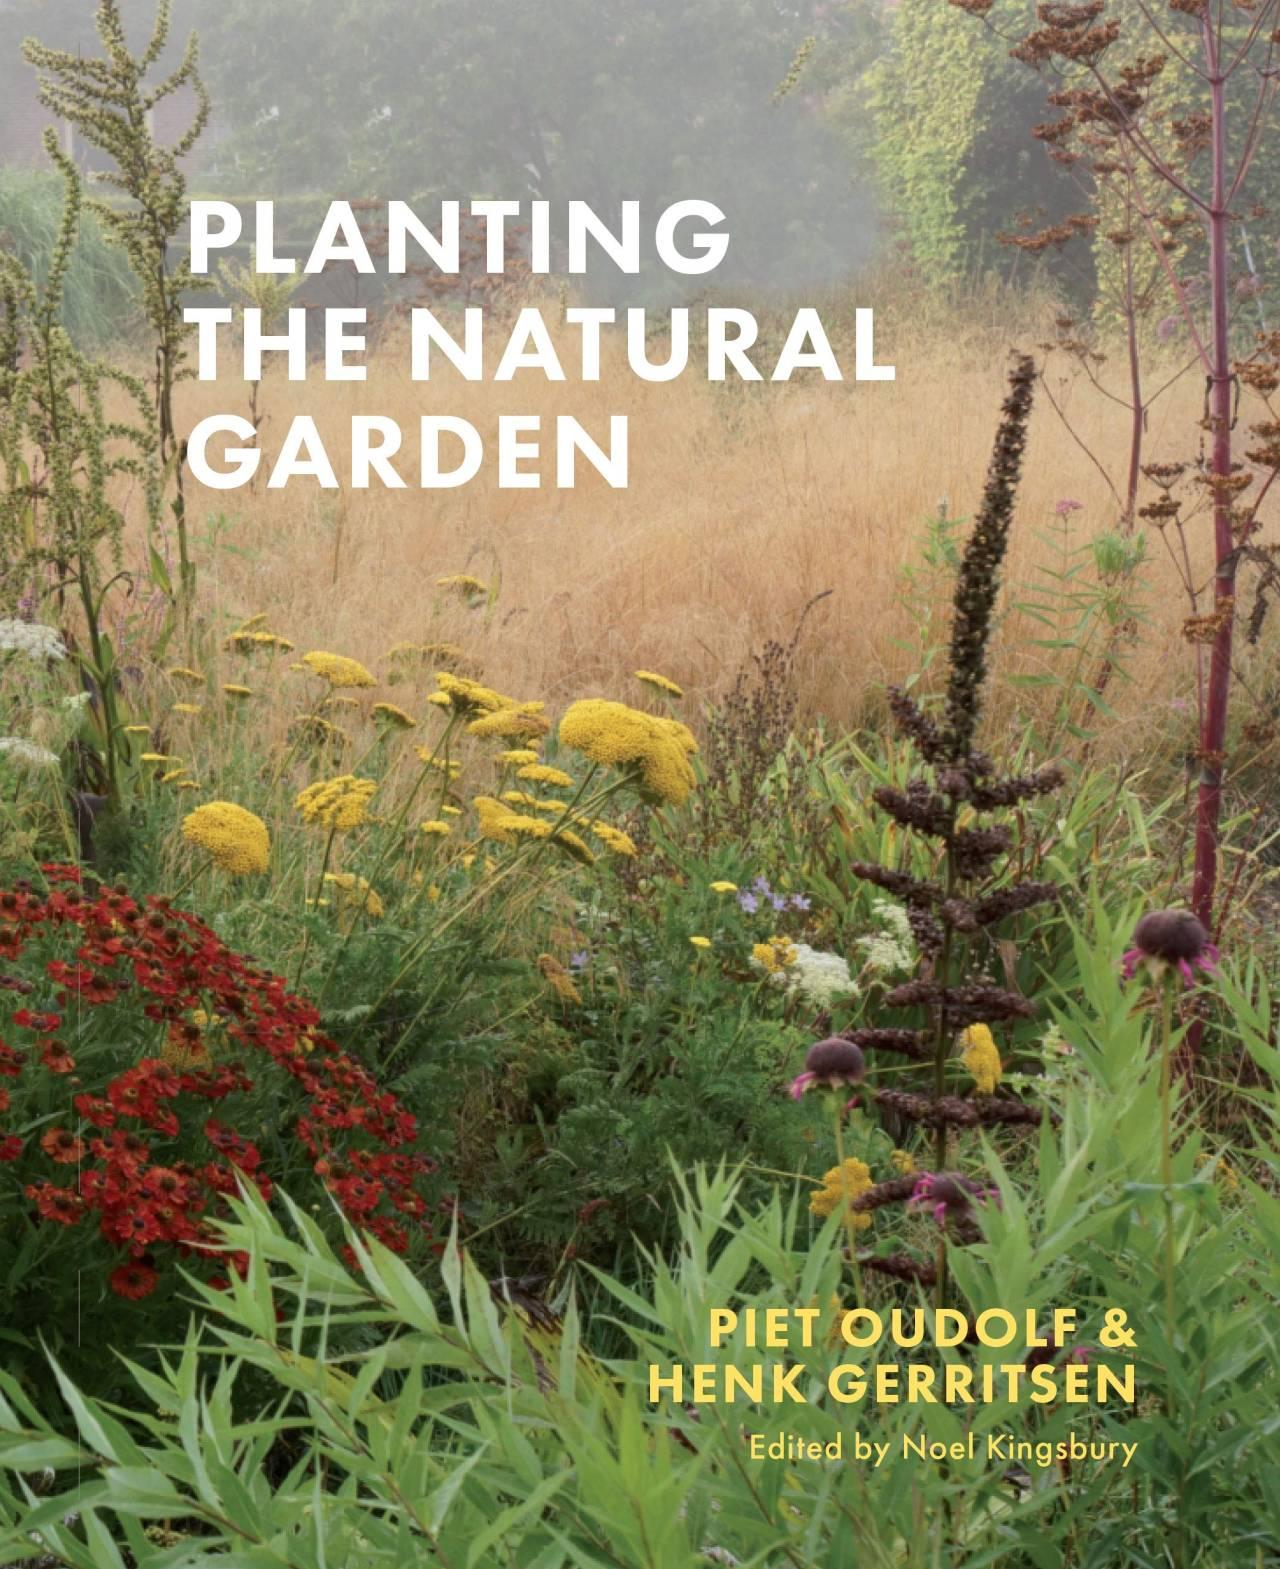 Portada del libro donde se muestra el titulo en la mitad y varias plantas dentras del titulo por toda la portada